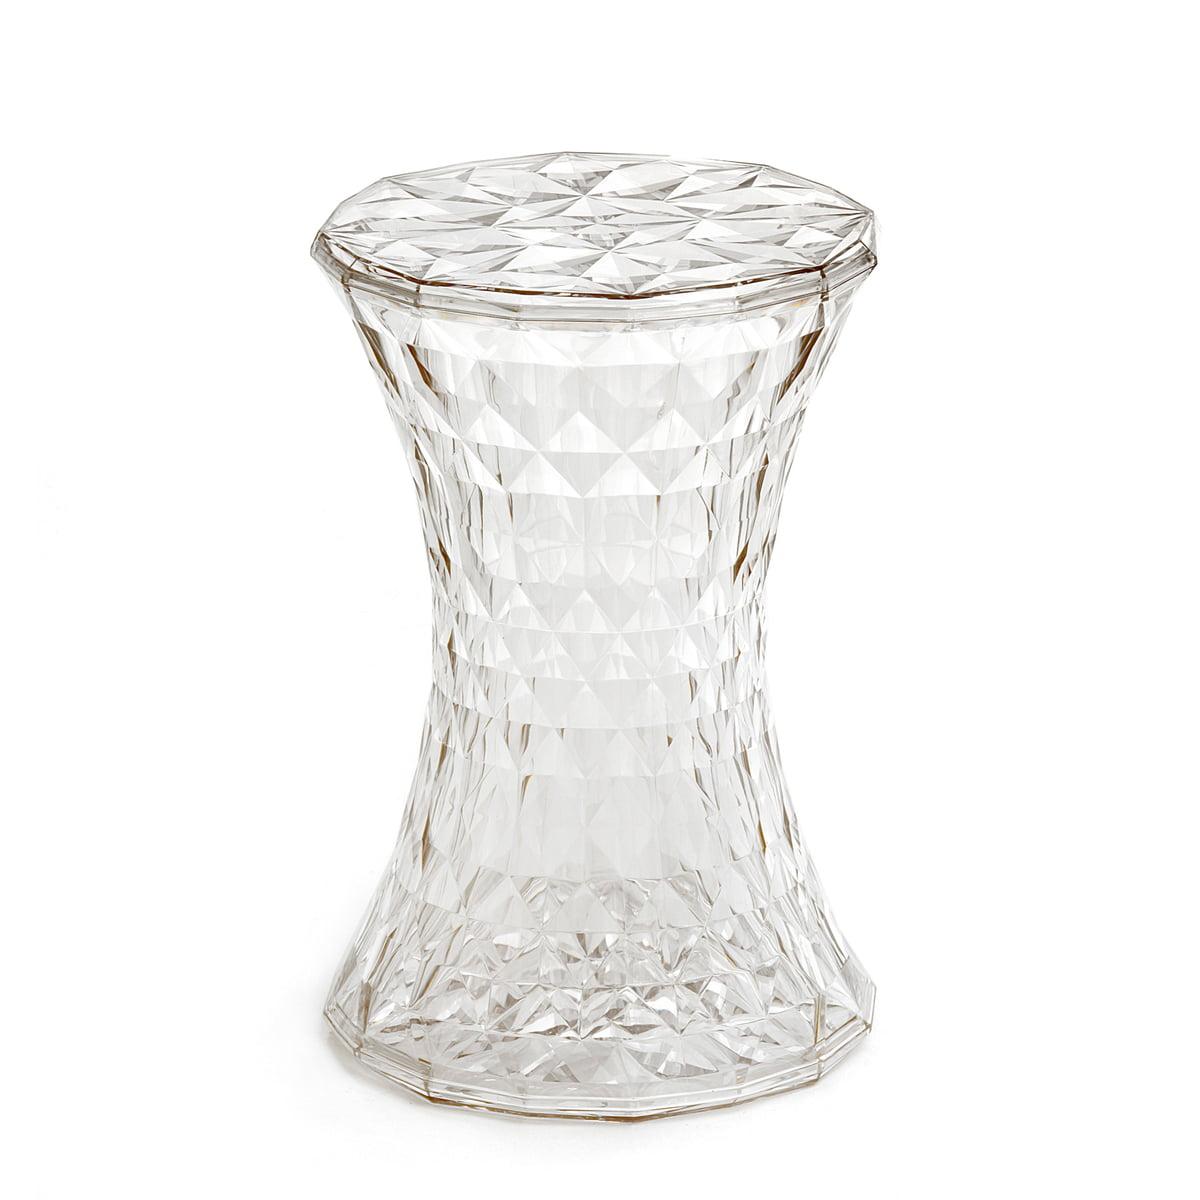 Kartell stone glasklar